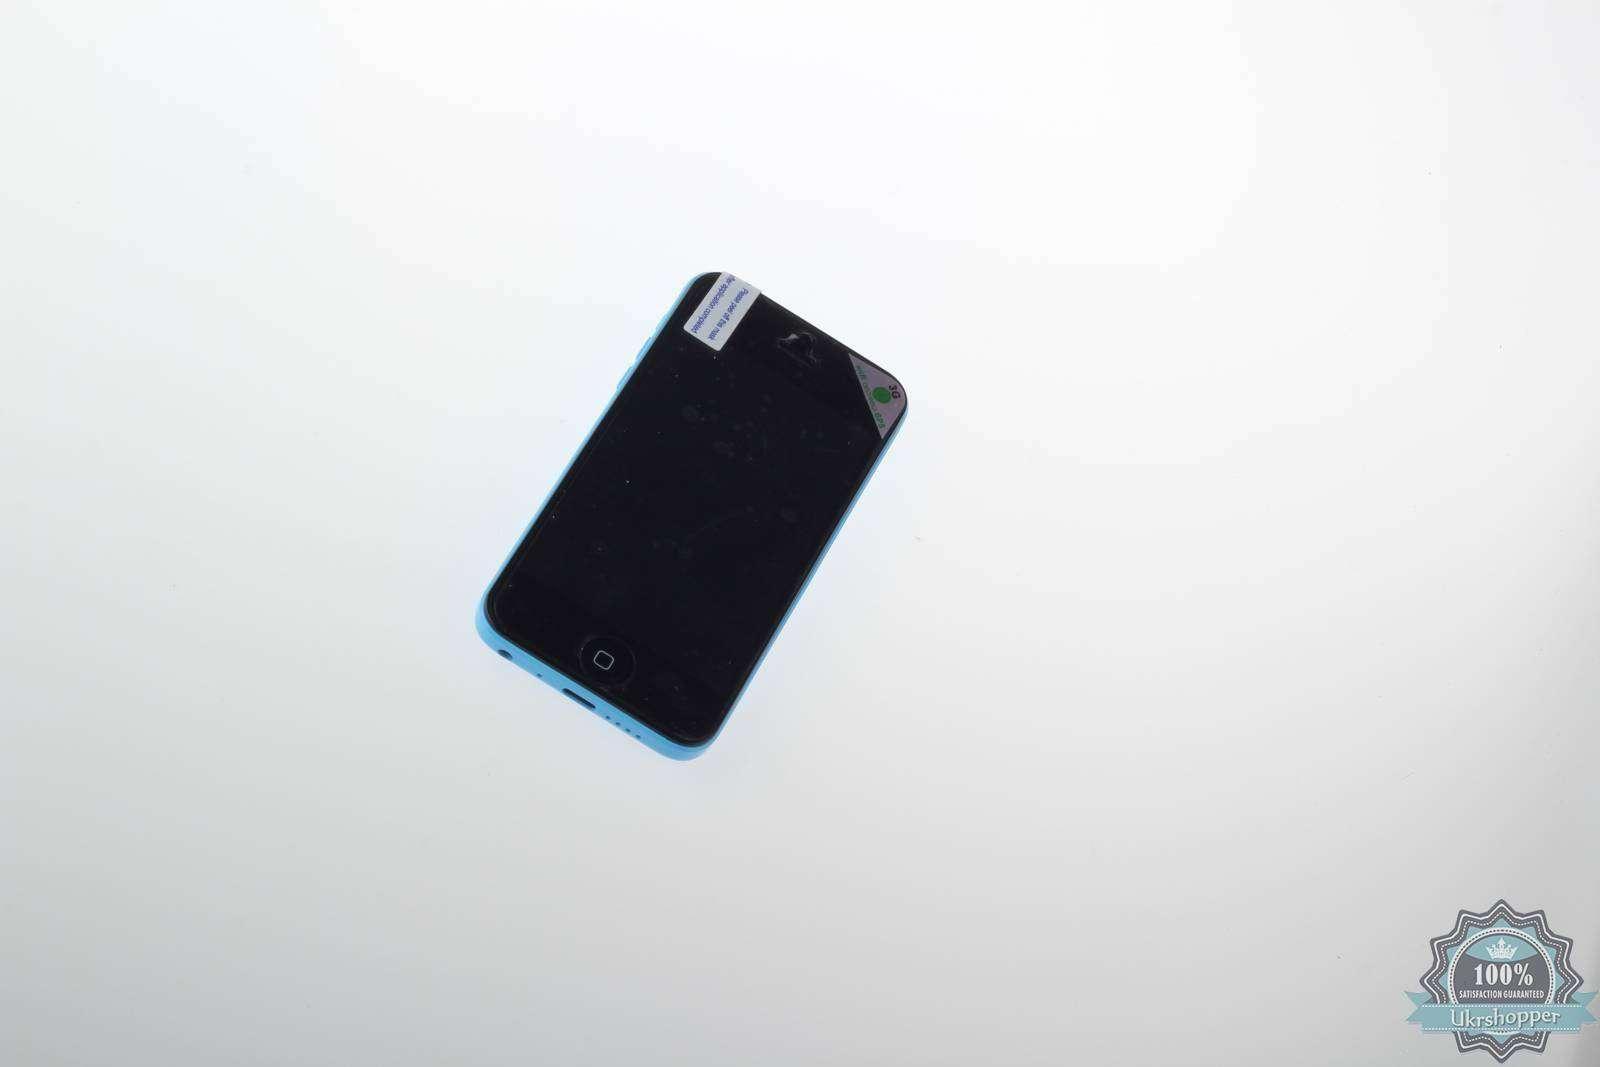 TinyDeal: Дешевый  4' двухядерный смартфон J-5C с закосом под Iphone 5C